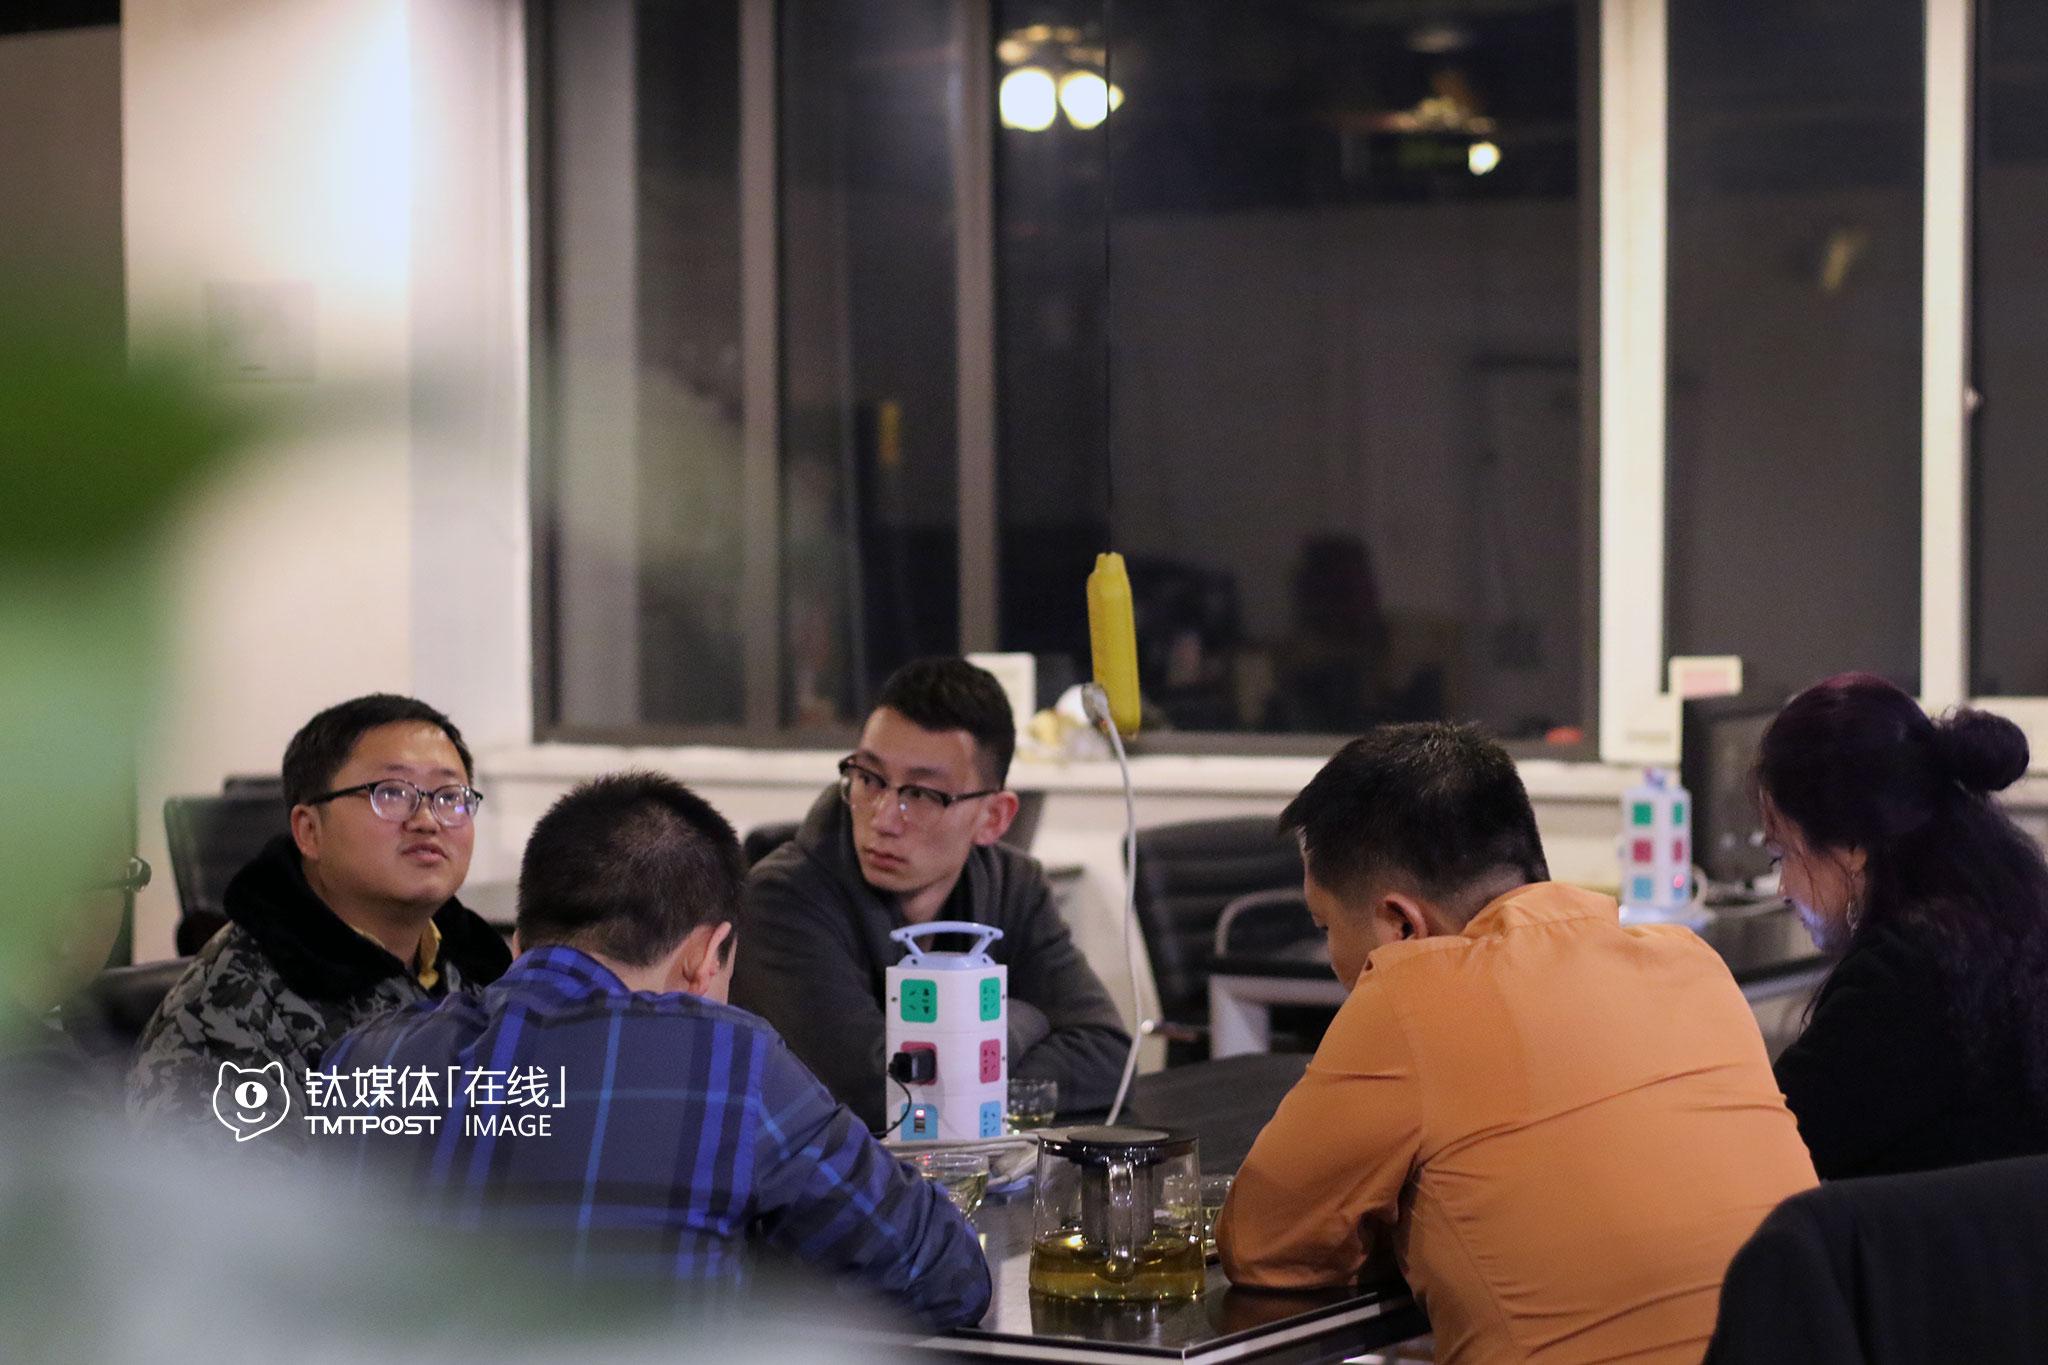 """2016年春节前,创业大街某咖啡馆,几位到北京考察众创空间的商人邀请吴建辉为他们介绍咖啡馆的运营模式,他是这一带的老面孔,因为时常拿着画本在咖啡馆画画,大家都叫他""""小画家""""。"""